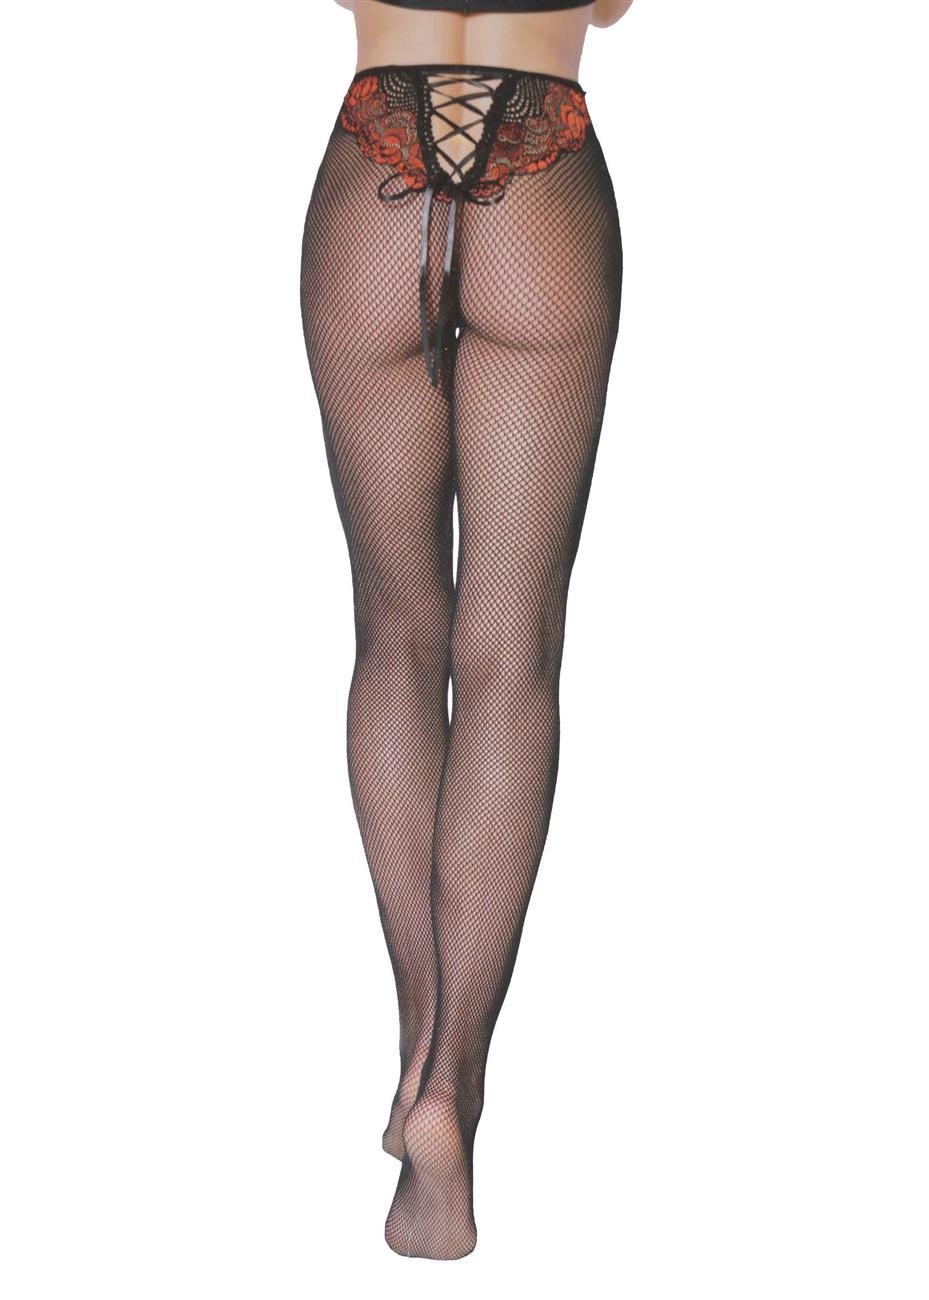 Γυναικείο καλσόν δίχτυ σχέδιο πίσω. Sexy collection ΜΑΥΡΟ